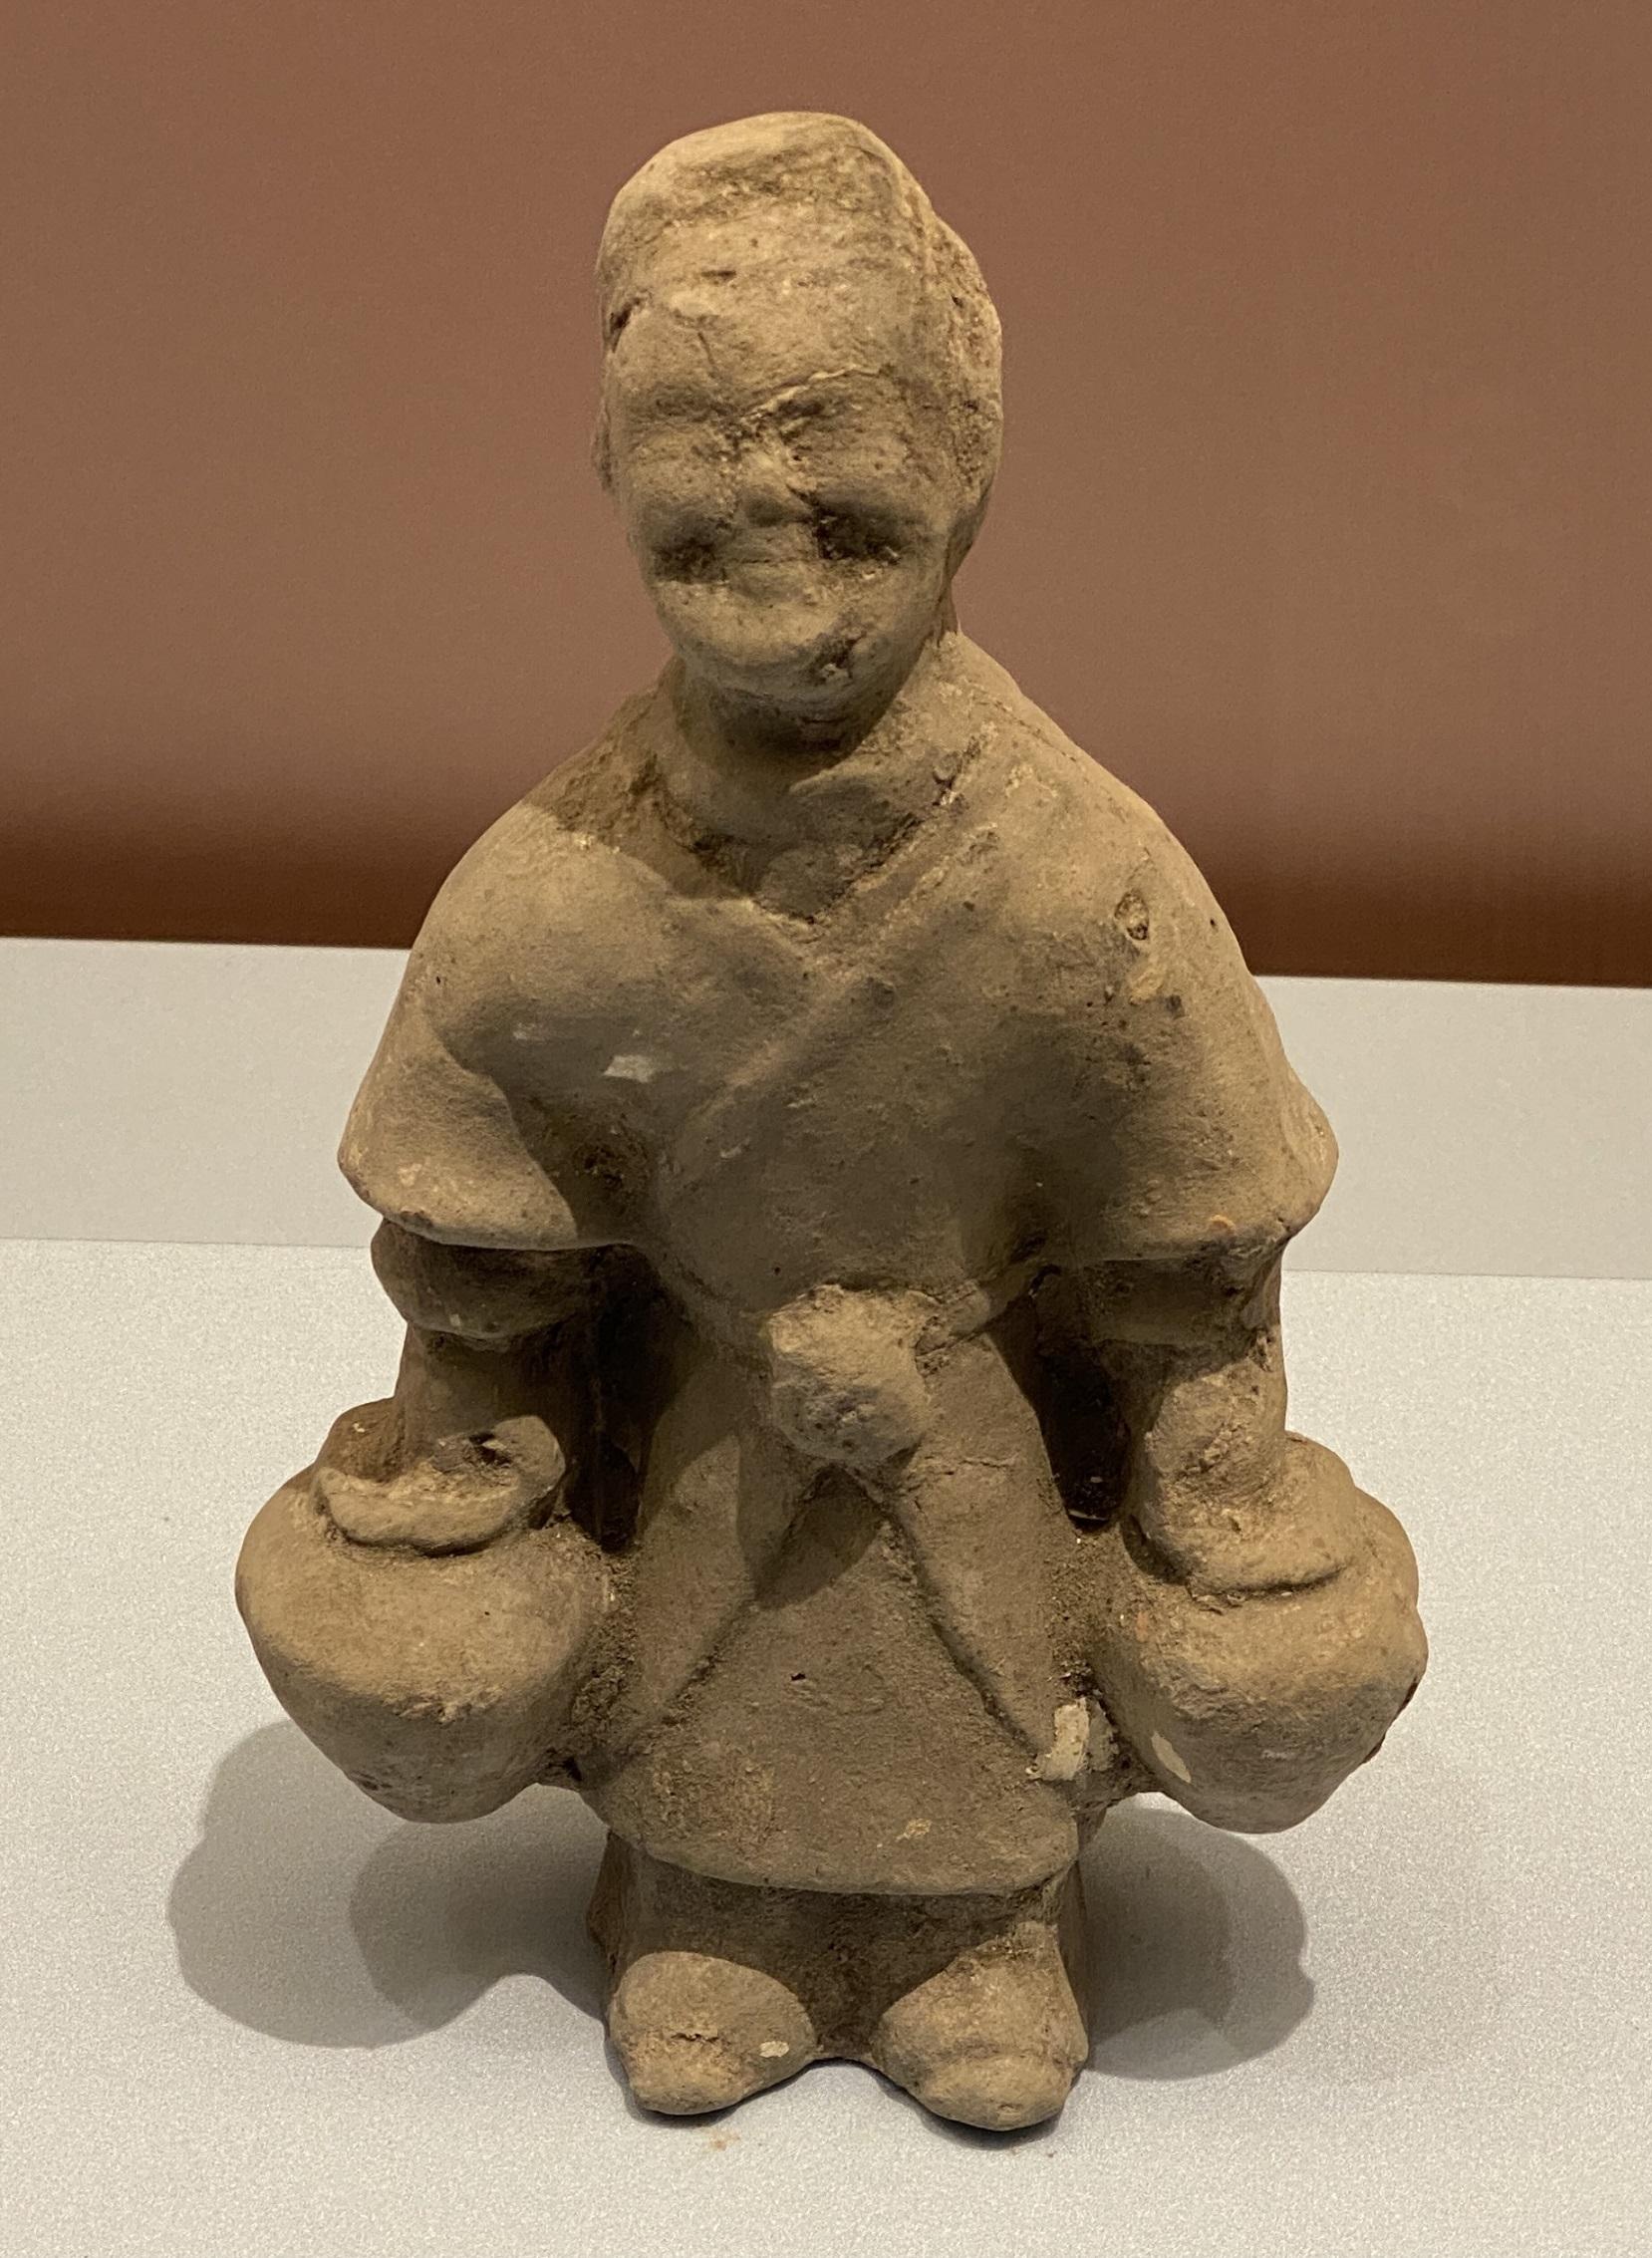 陶提罐俑-東漢時代-特別展【食味人間】四川博物院・中国国家博物館